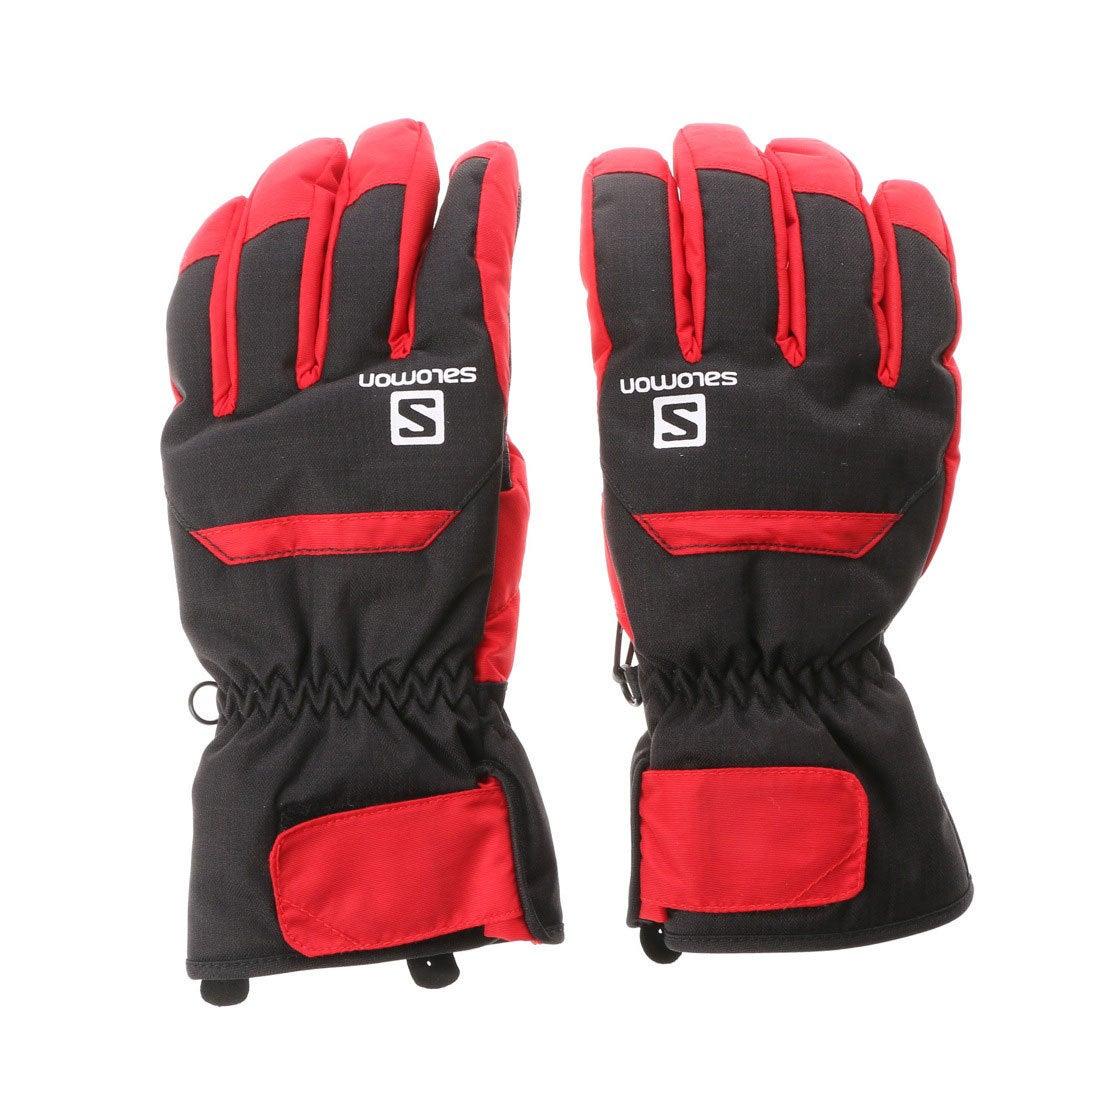 【SALE 19%OFF】サロモン Salomon ユニセックス スキー グローブ CRUISE M L36678400